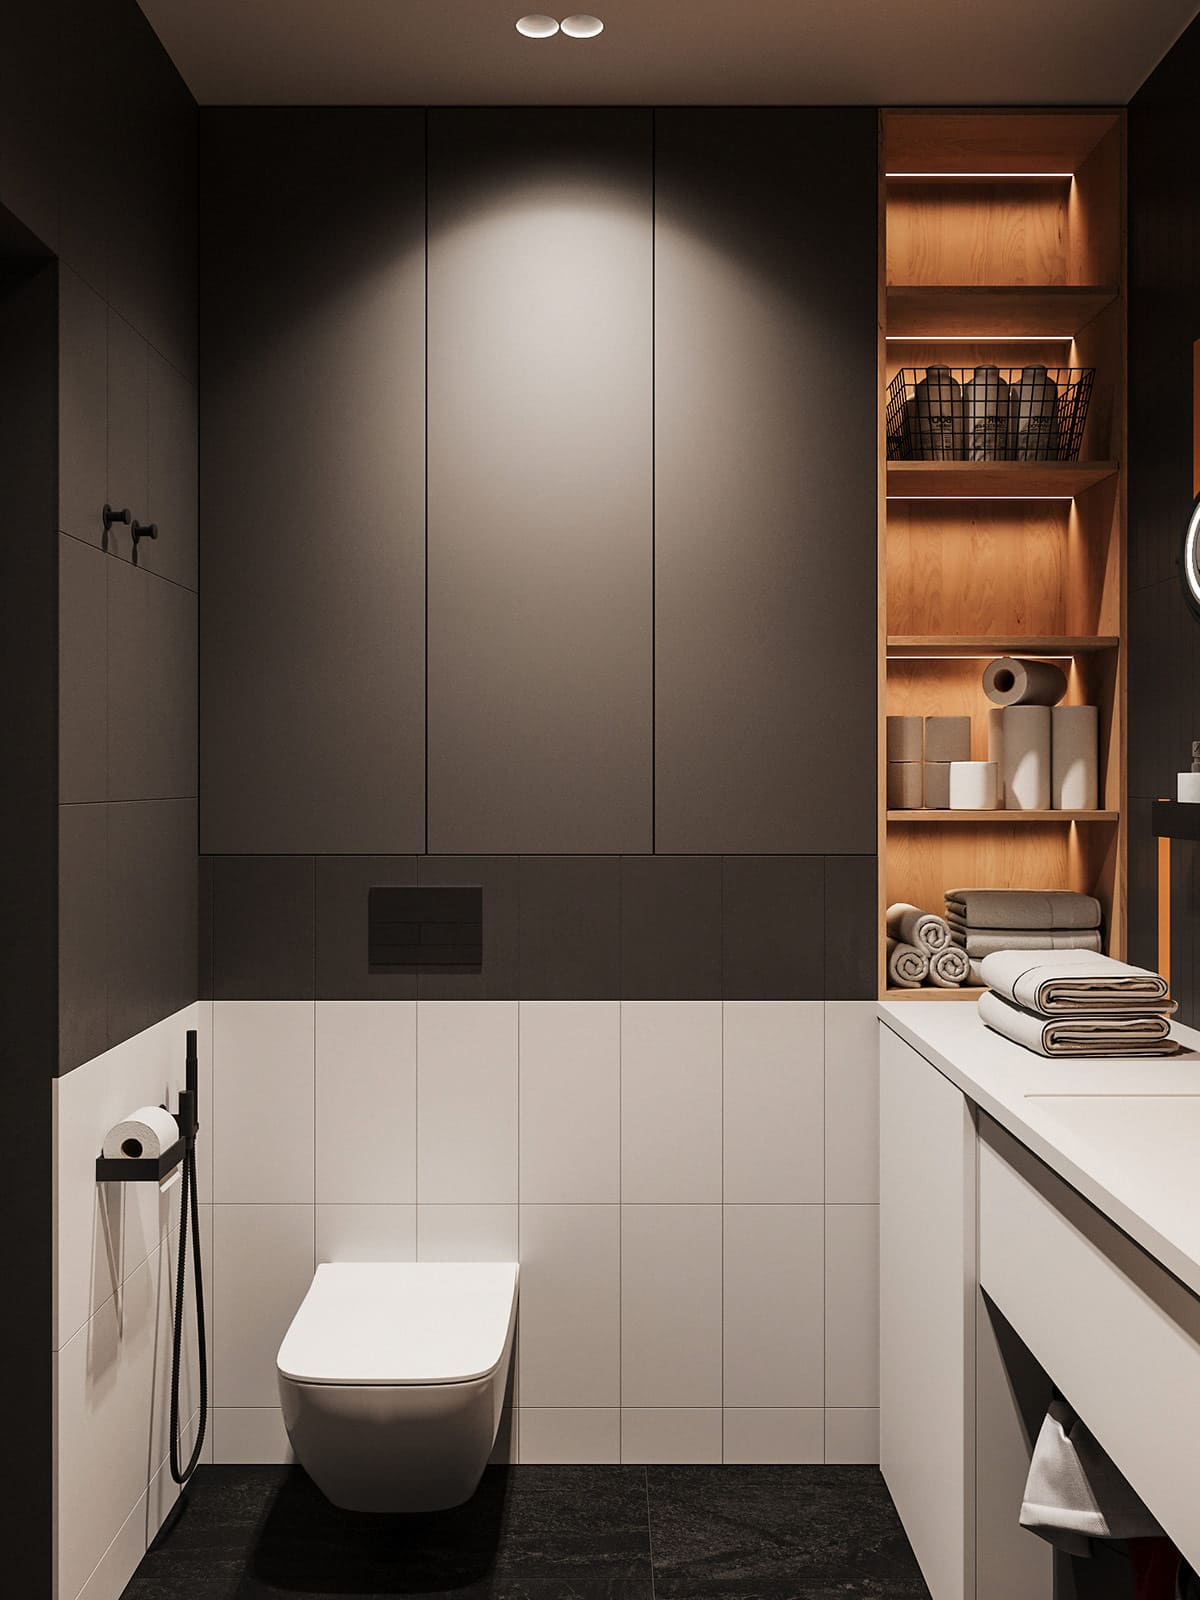 дизайн интерьера ванной комнаты фото 44